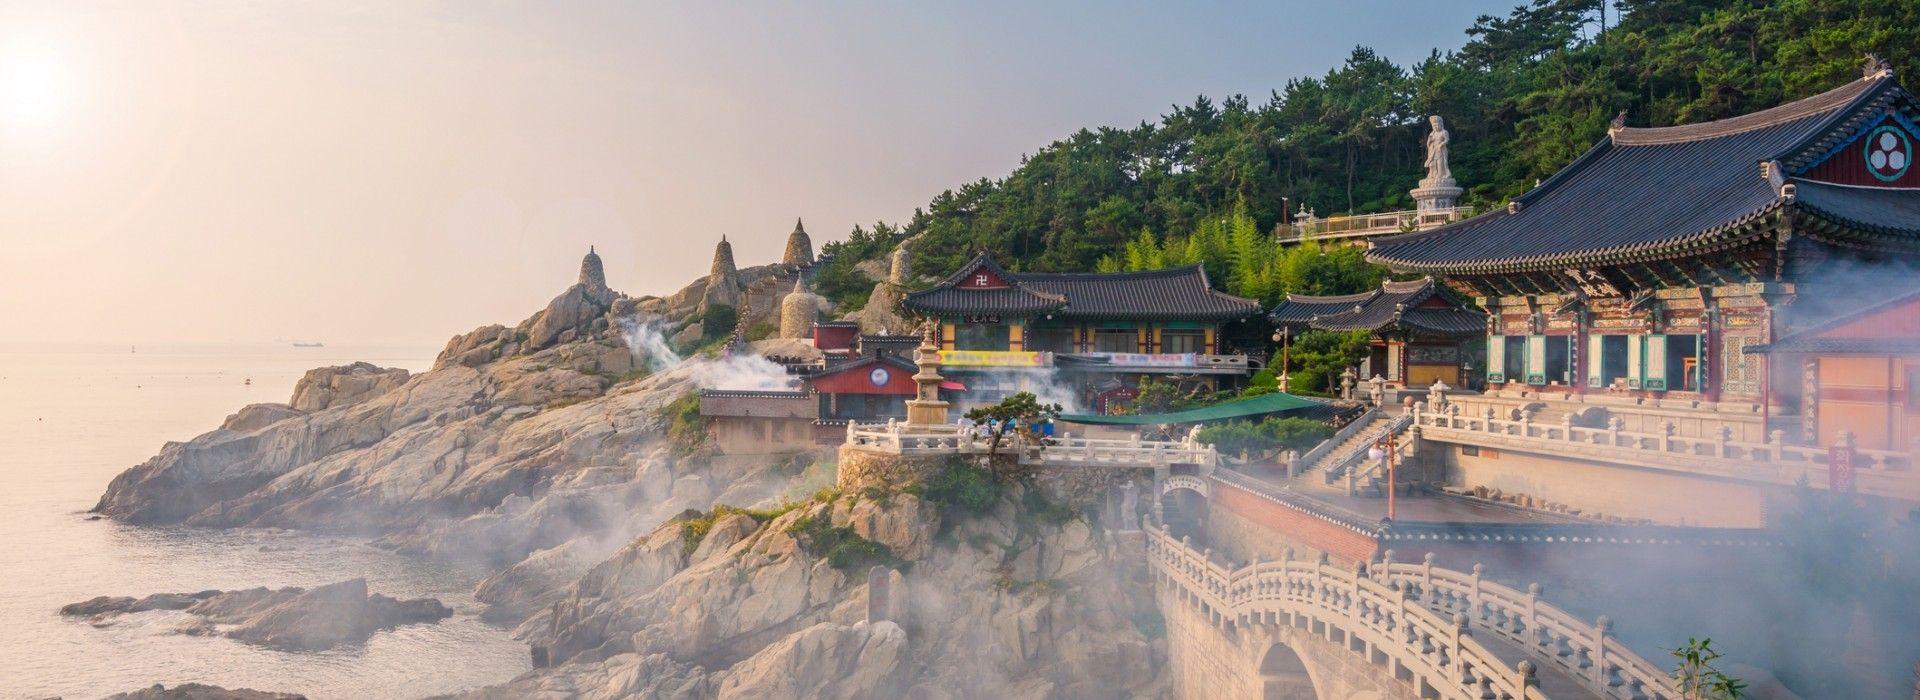 Natural landmarks sightseeing Tours in South Korea